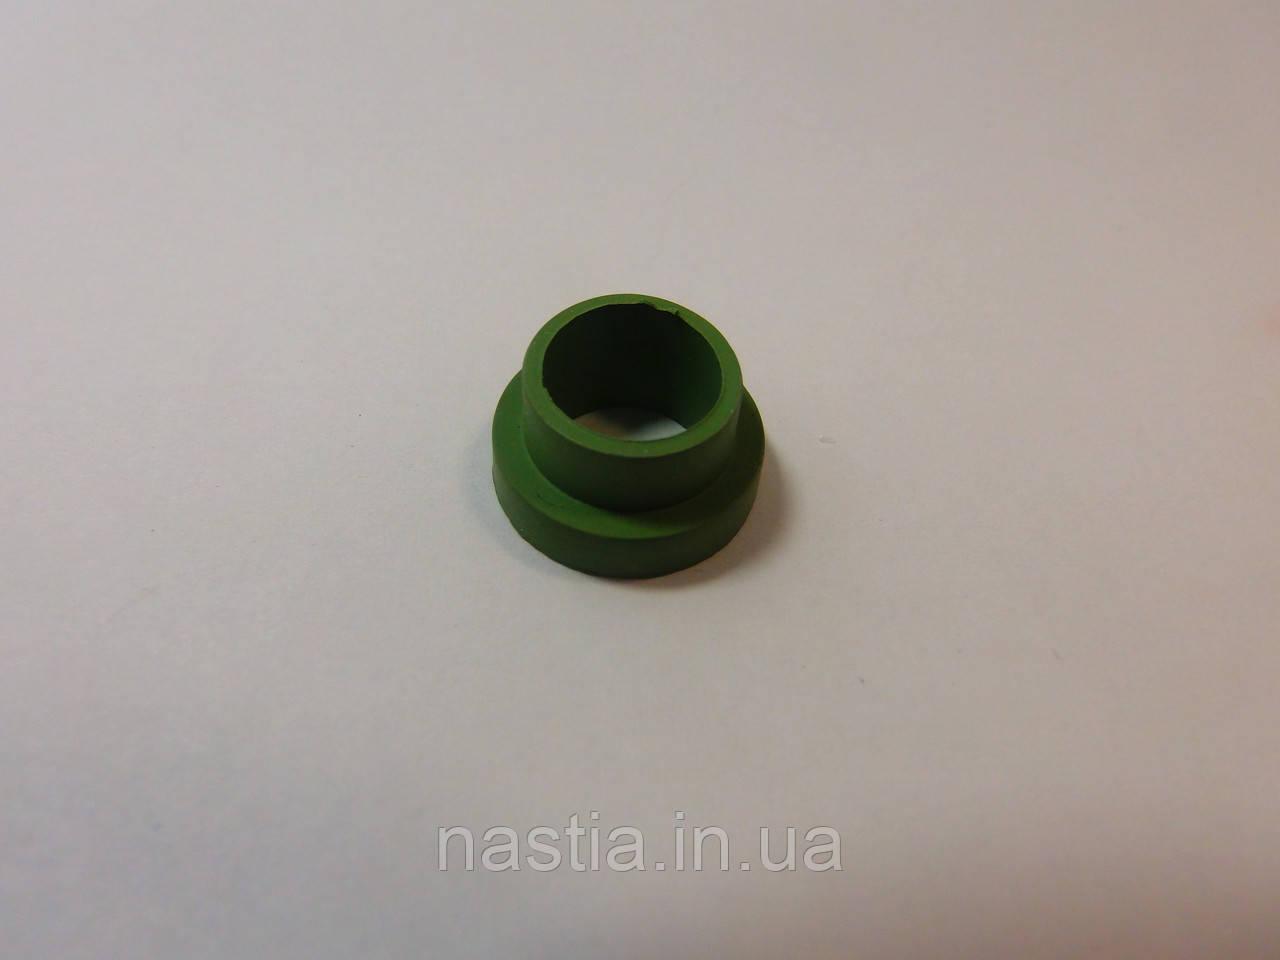 Гумка рiвня води 0 12 viton зелена